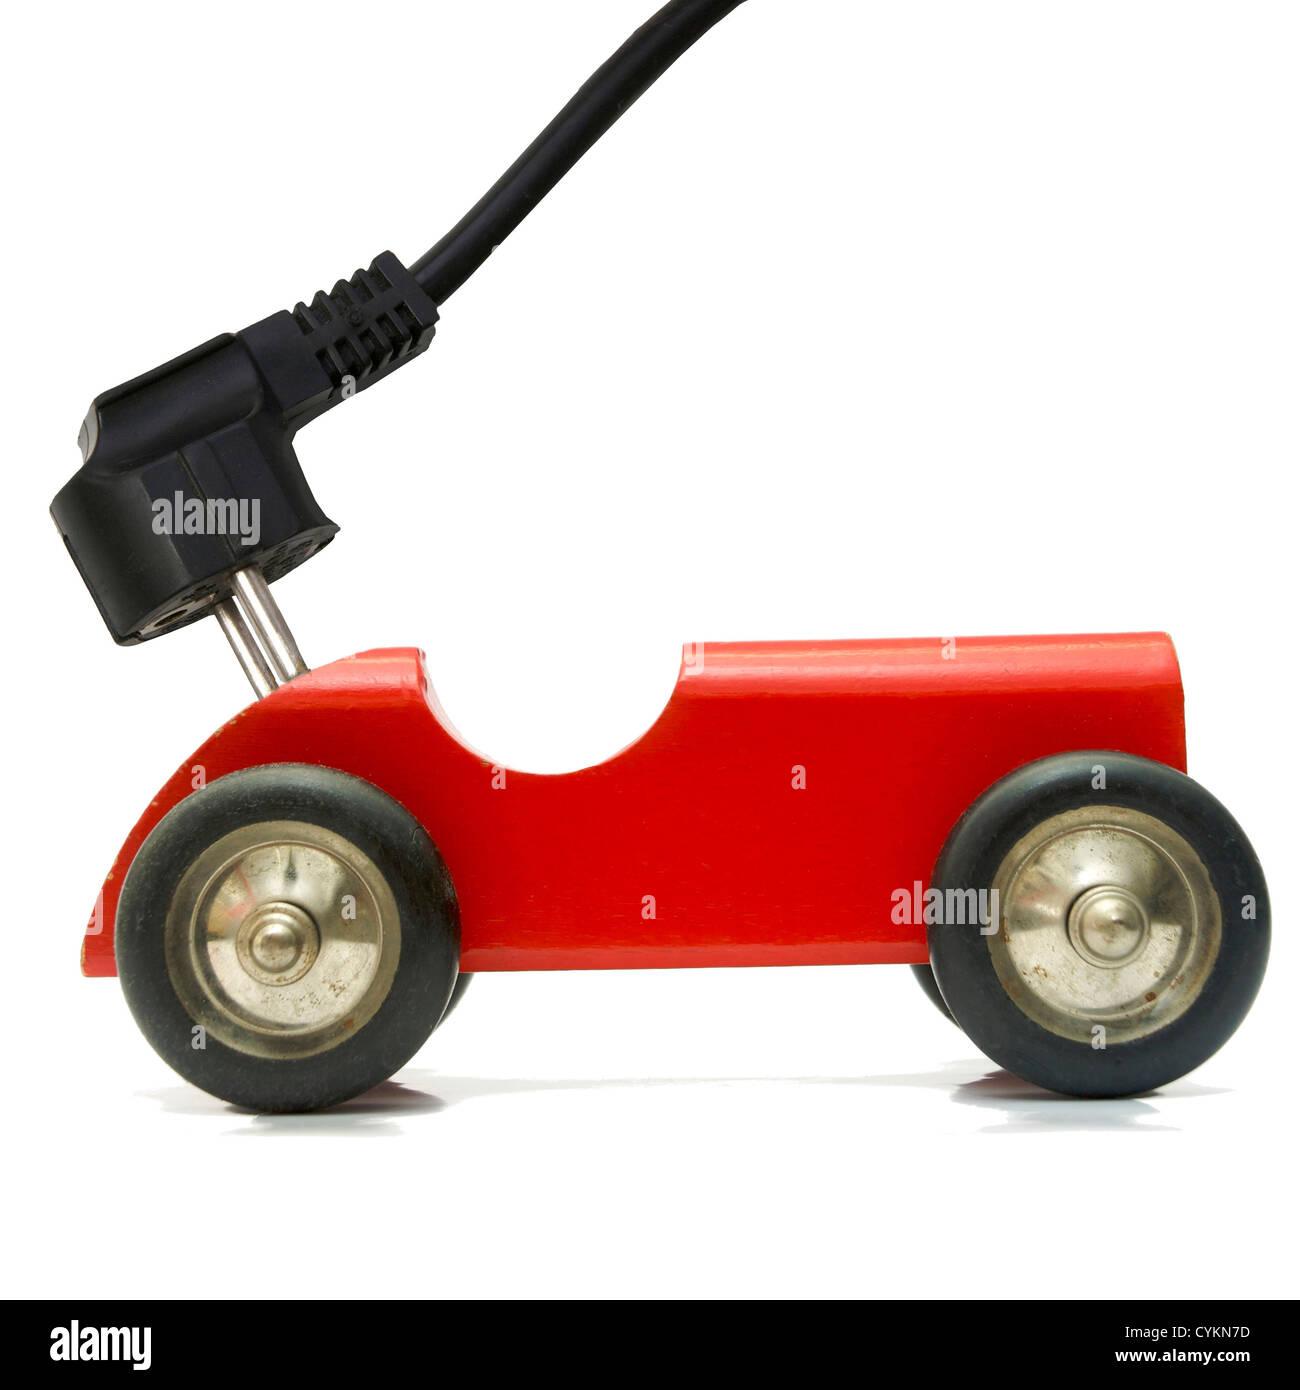 Juguete pequeño vehículo conectado y cargándose mediante electricidad enchufe concepto Imagen De Stock